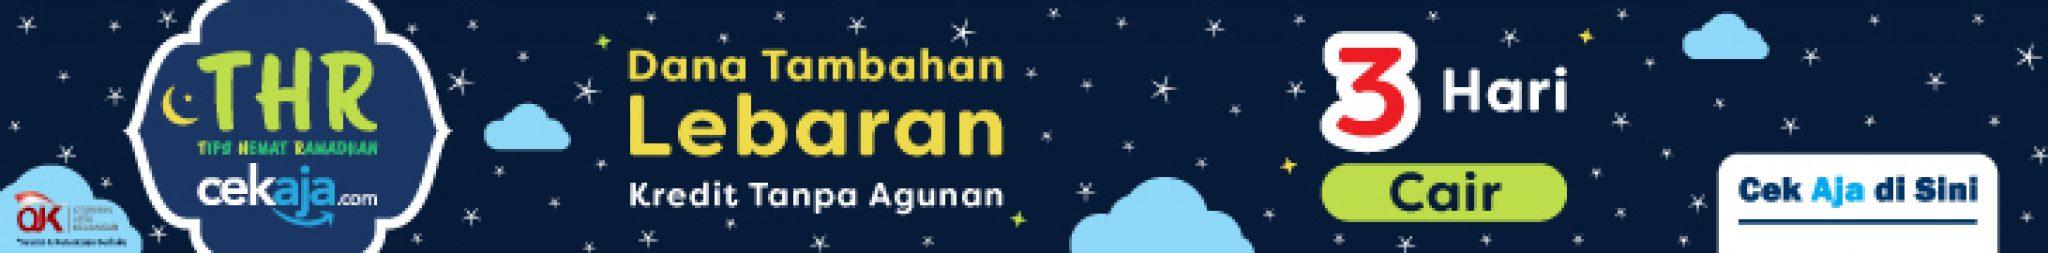 Promo-THR-Pinjaman-Kredit-Kebutuhan-Lebaran-CekAja.com